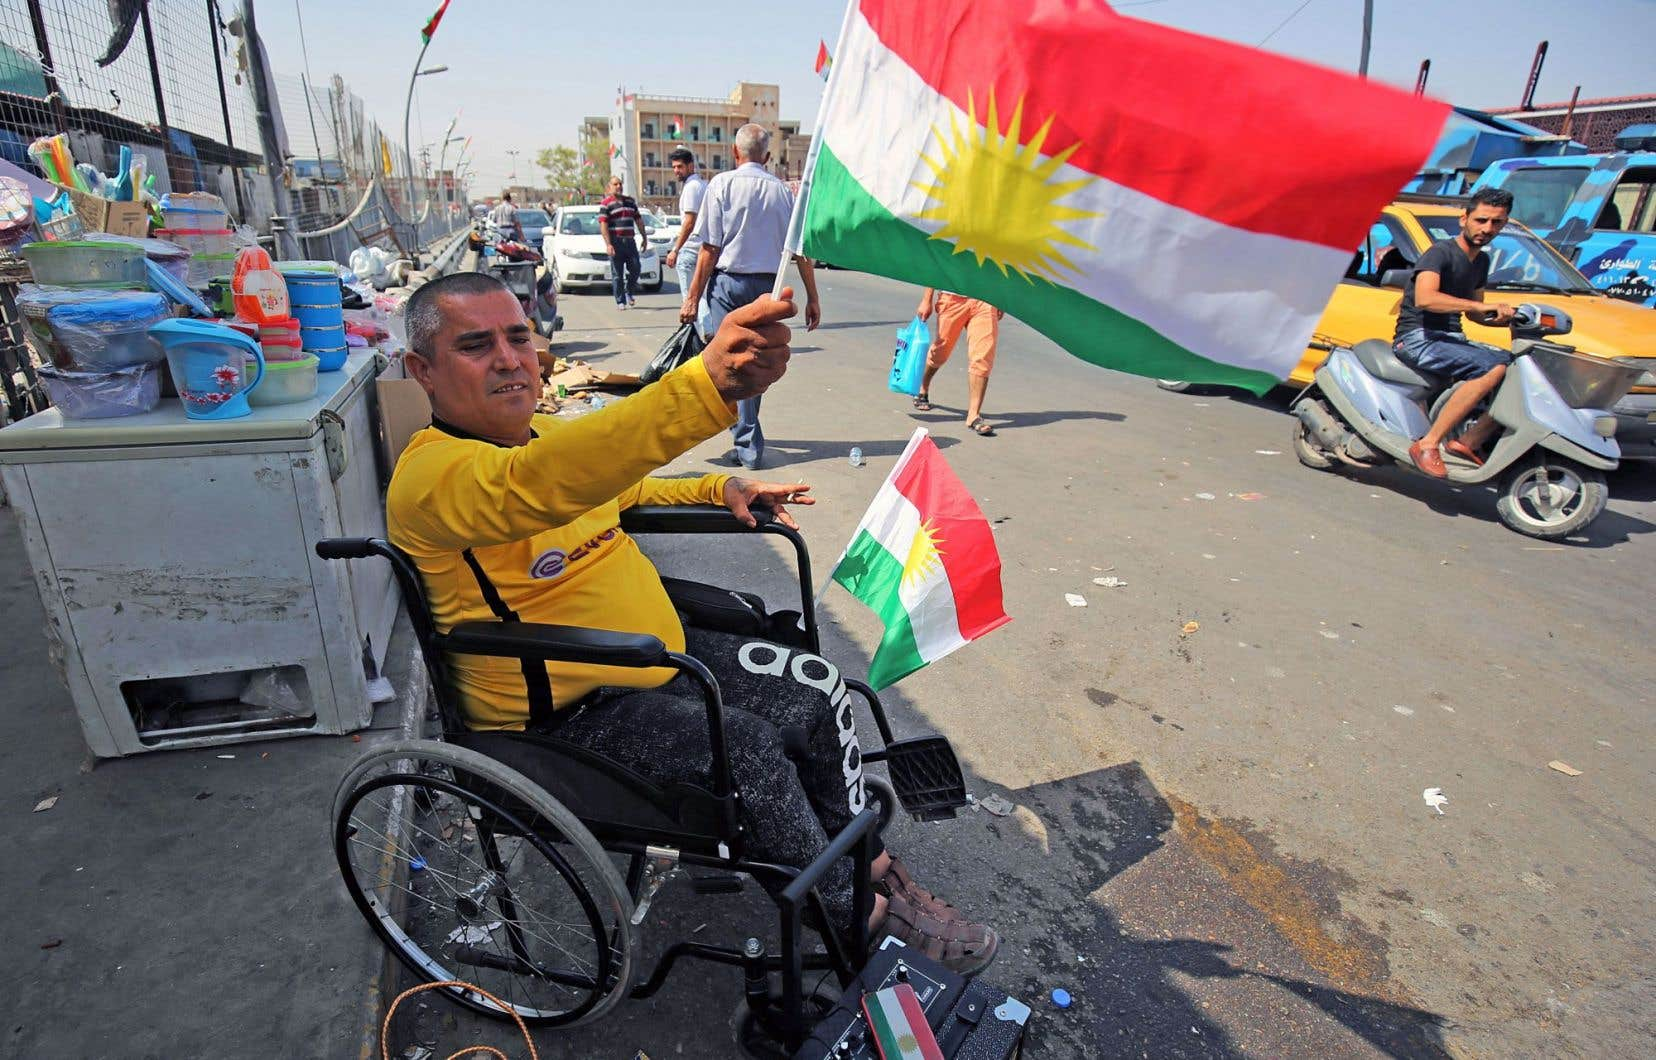 Un partisan de l'indépendance brandit un drapeau aux couleurs du Kurdistan à la veille du référendum dans la ville de Kirkouk. Les Kurdes d'Irak se déclareront lundi pour l'indépendance ou non de la région autonome du Nord.